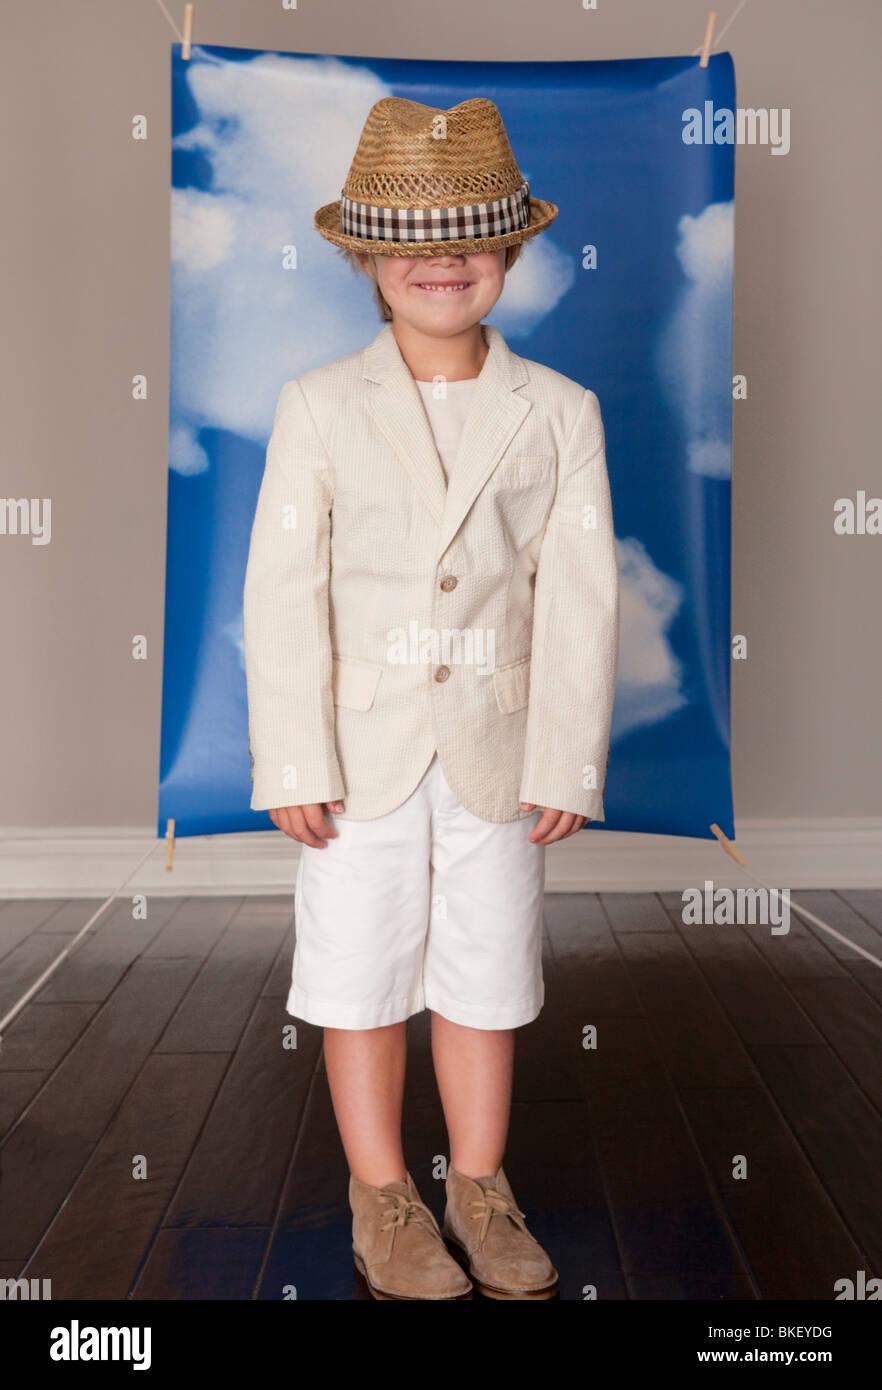 Garçon habillé en face de ciel bleu toile Photo Stock